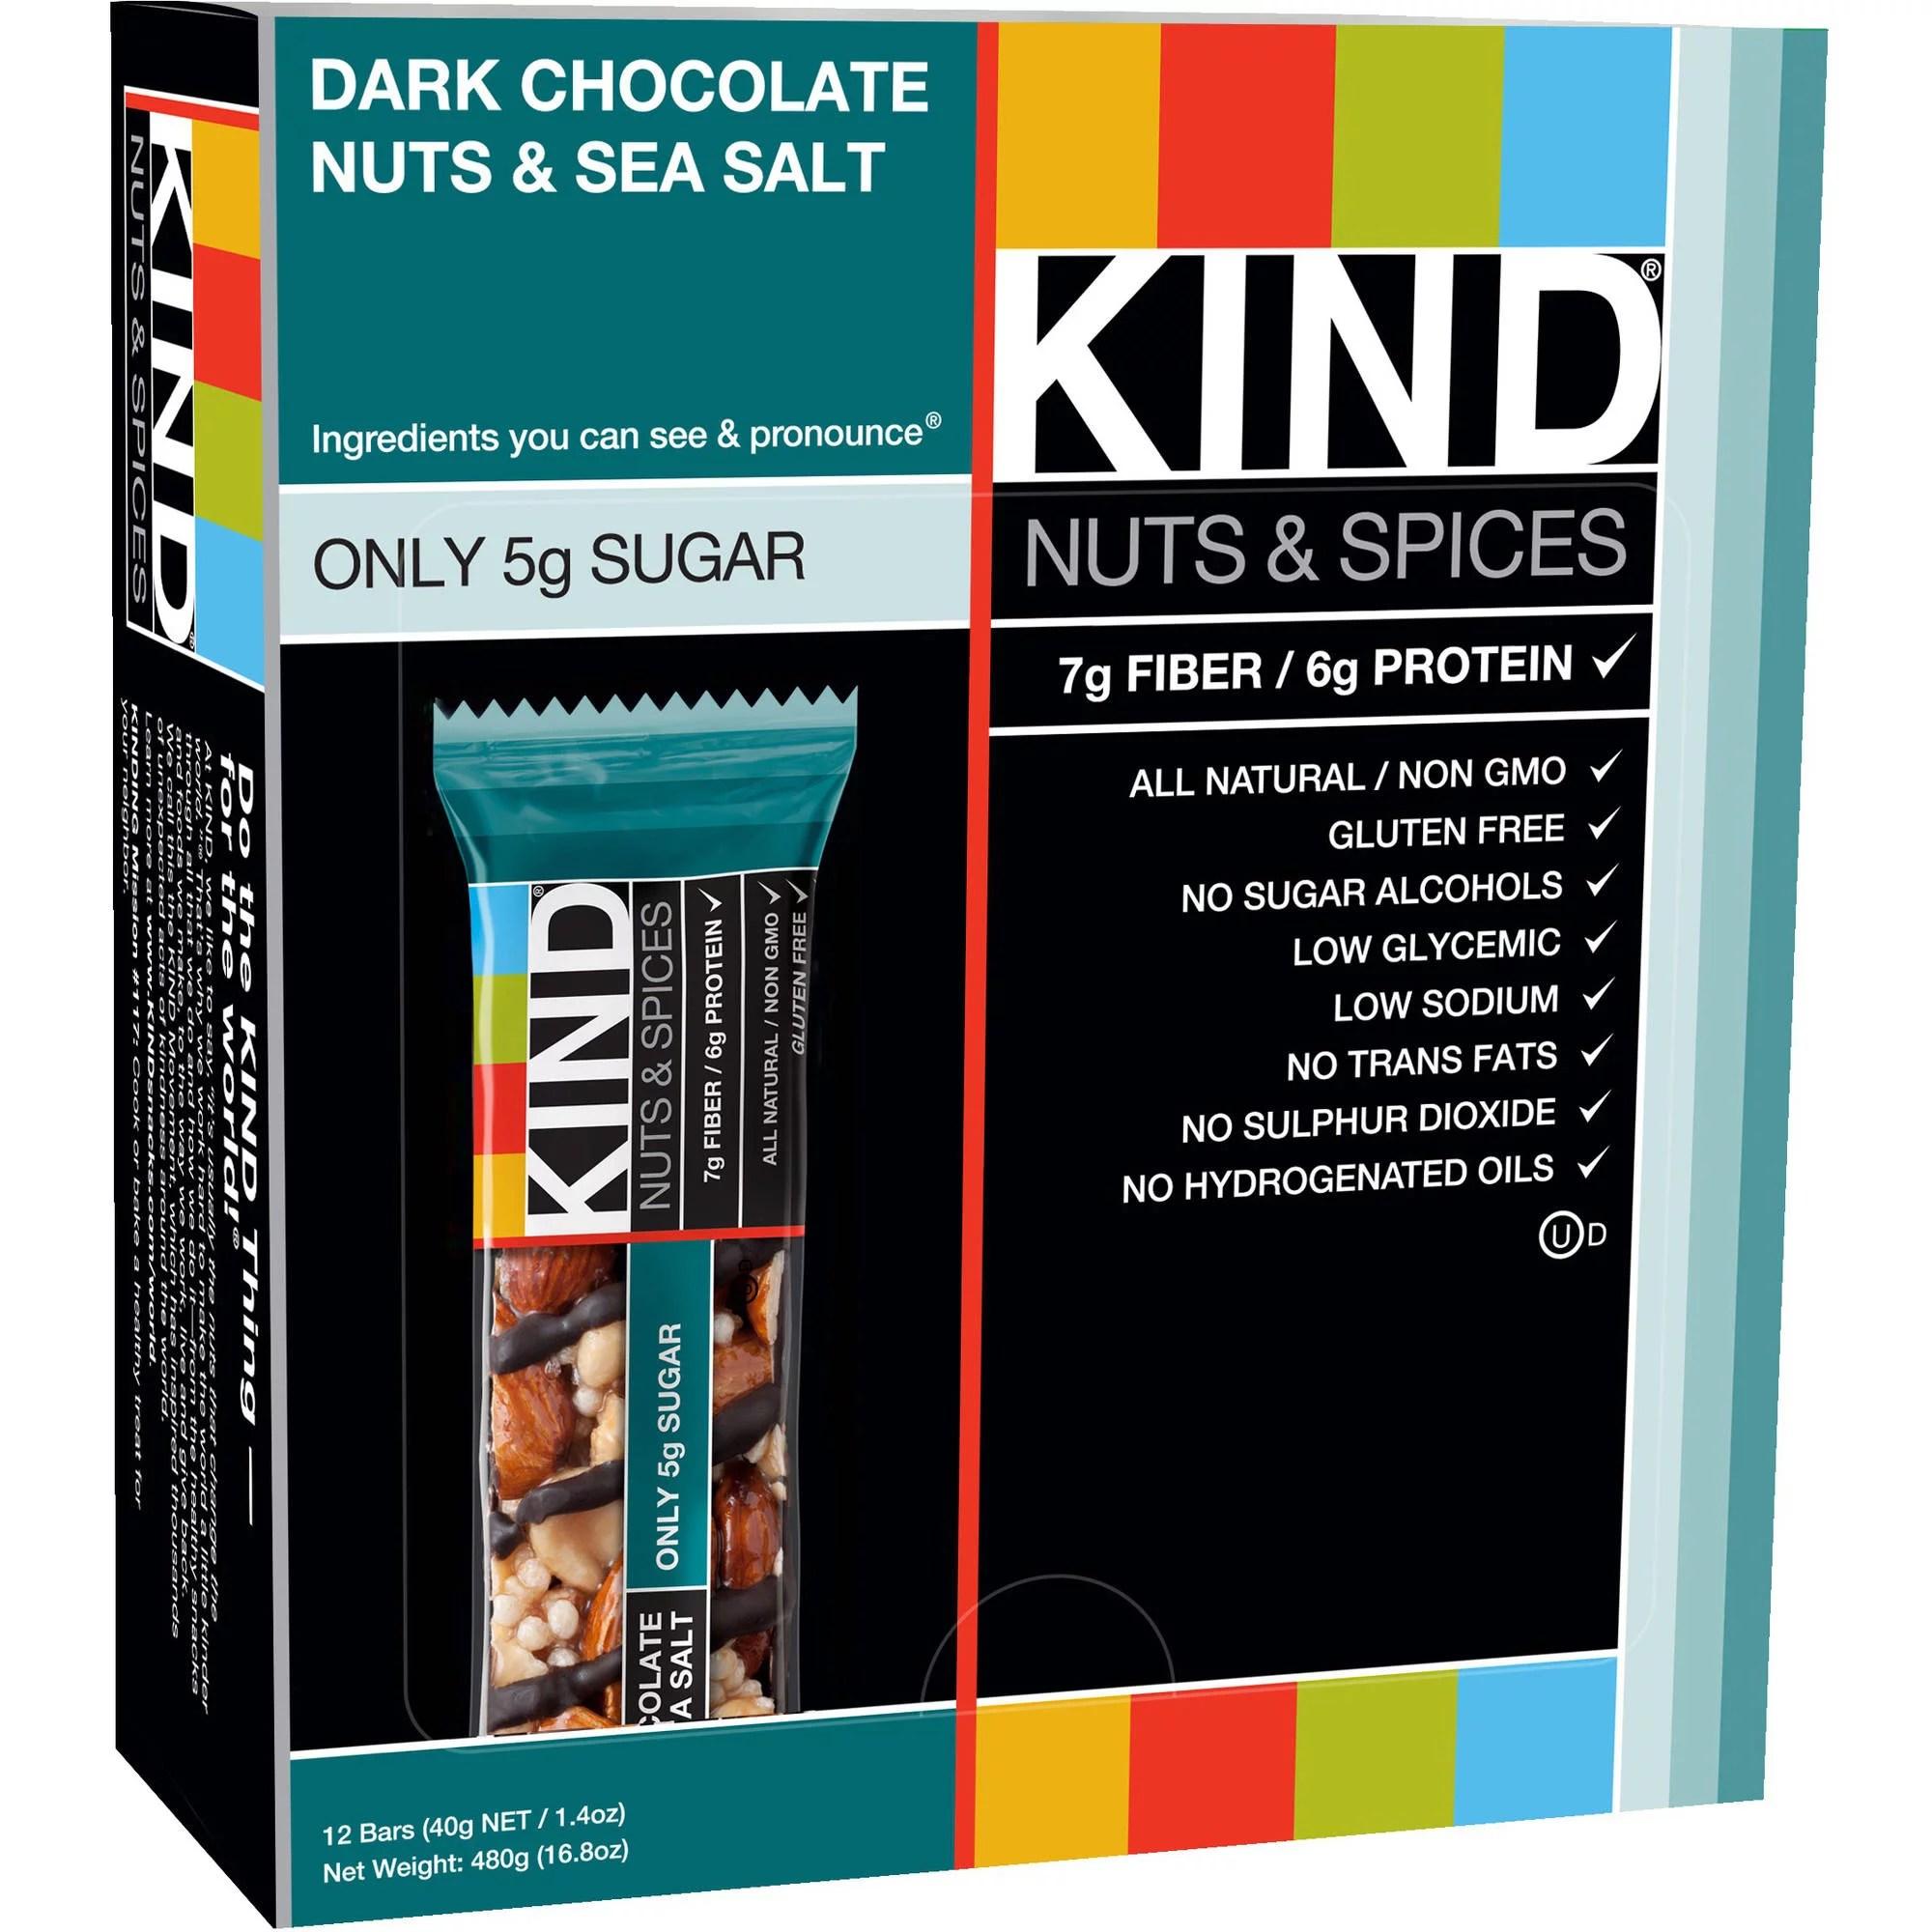 Kind Fruit and Nut Bars Dark Chocolate Nuts Sea Salt 1